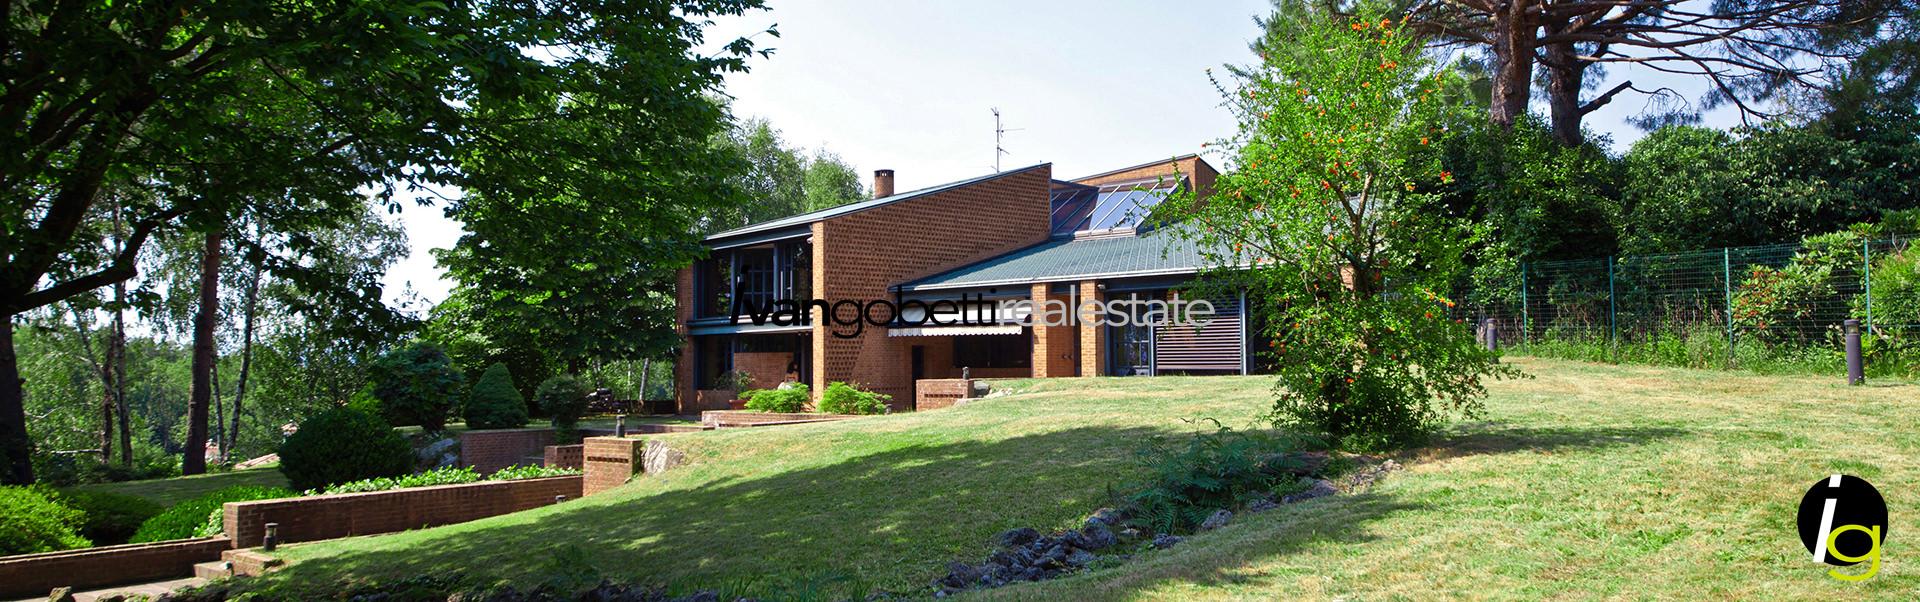 Modern design villa for sale in Como